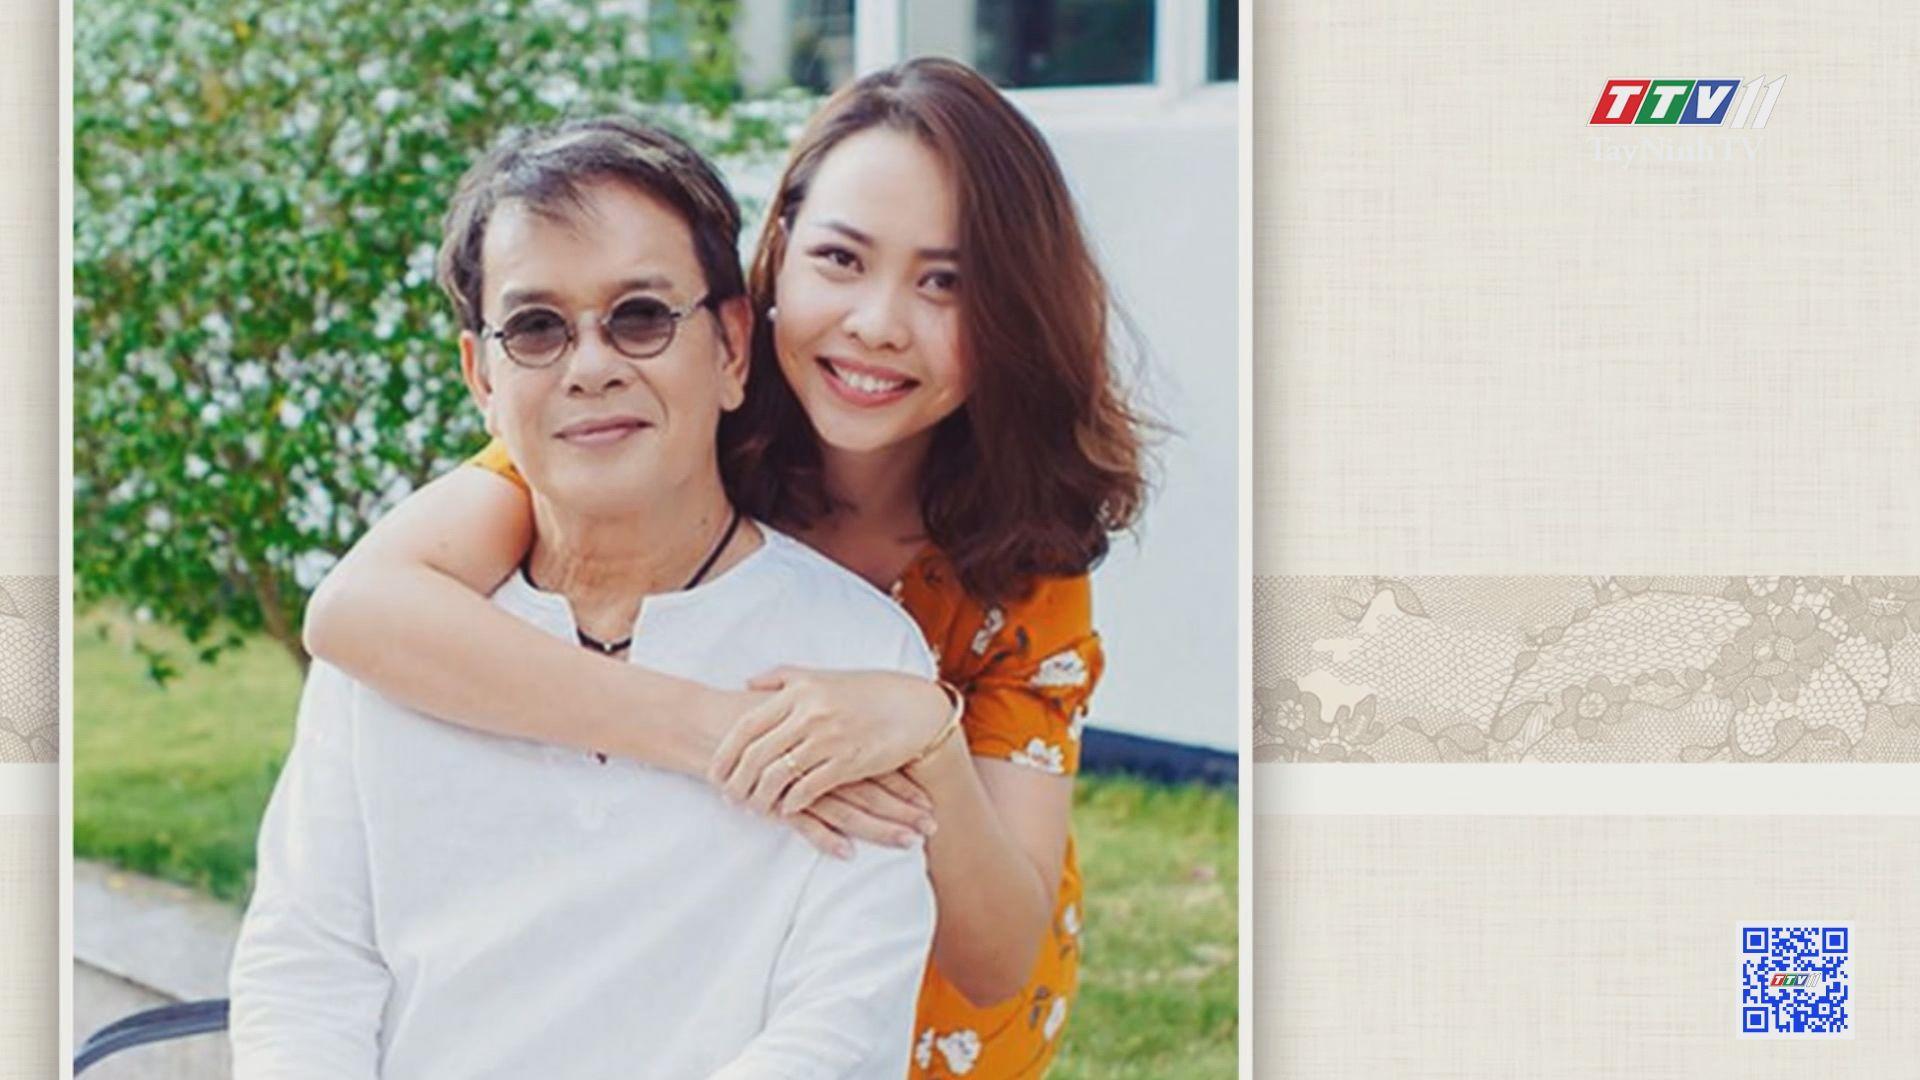 Tập 24 năm 2021_Nhạc sĩ Đức Huy yêu bền vững là tôn trọng không xúc phạm nhau | HẠNH PHÚC Ở ĐÂU | TayNinhTV